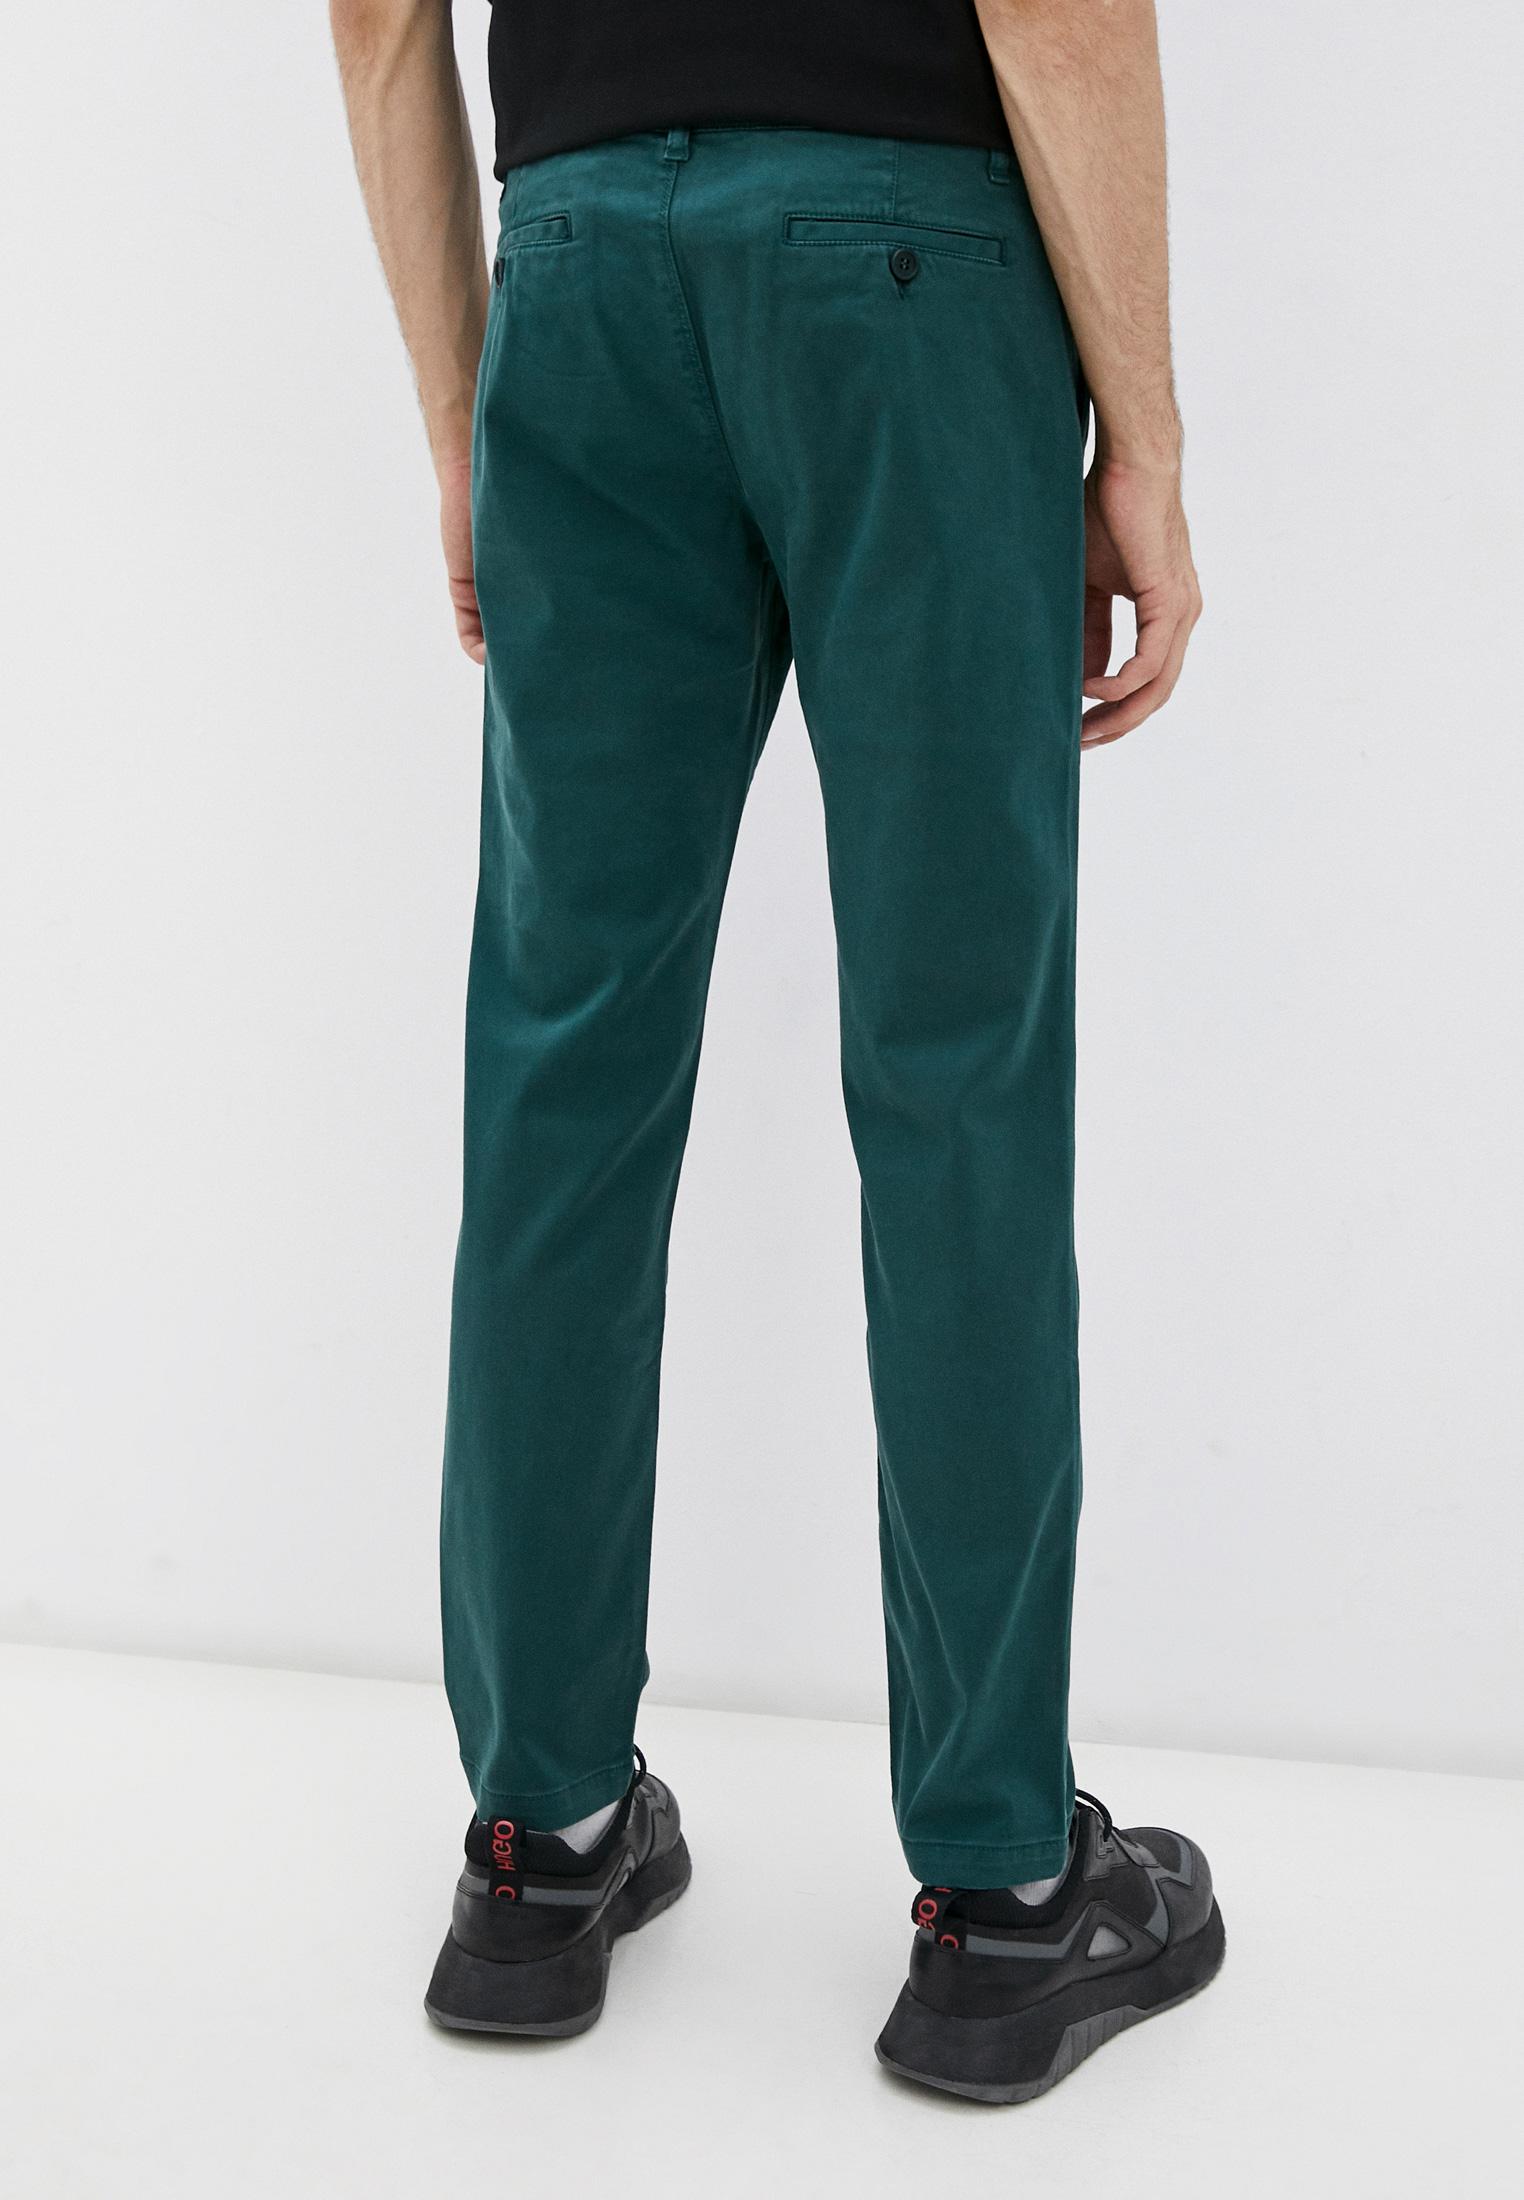 Мужские повседневные брюки Bikkembergs (Биккембергс) C P 001 00 S 2930: изображение 4